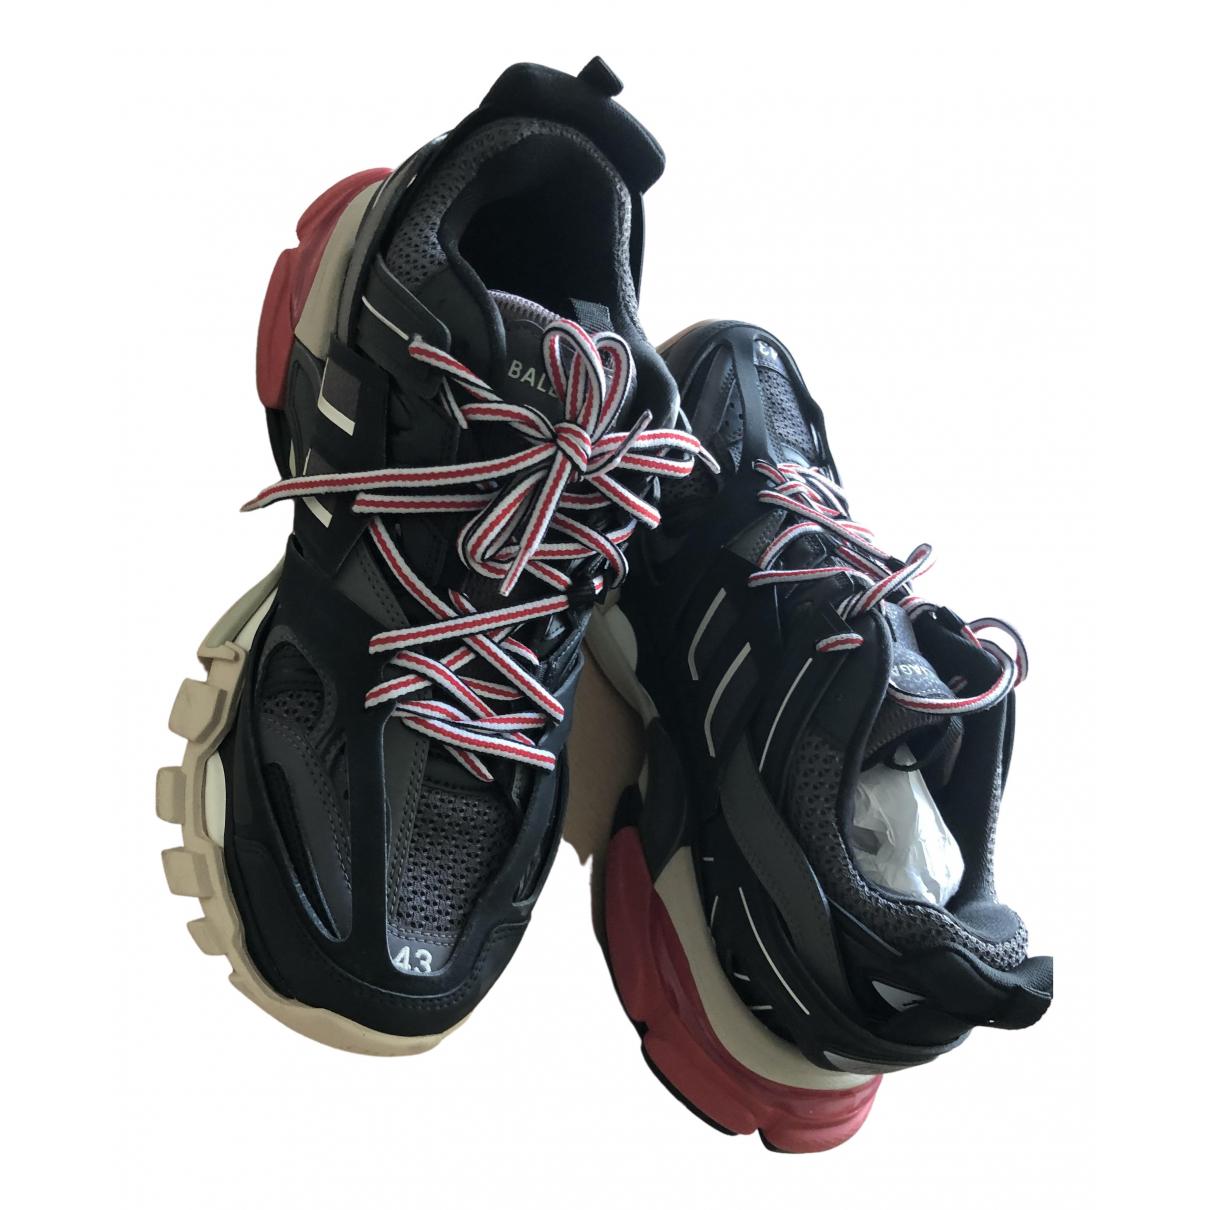 Balenciaga - Baskets Track pour homme en cuir - gris